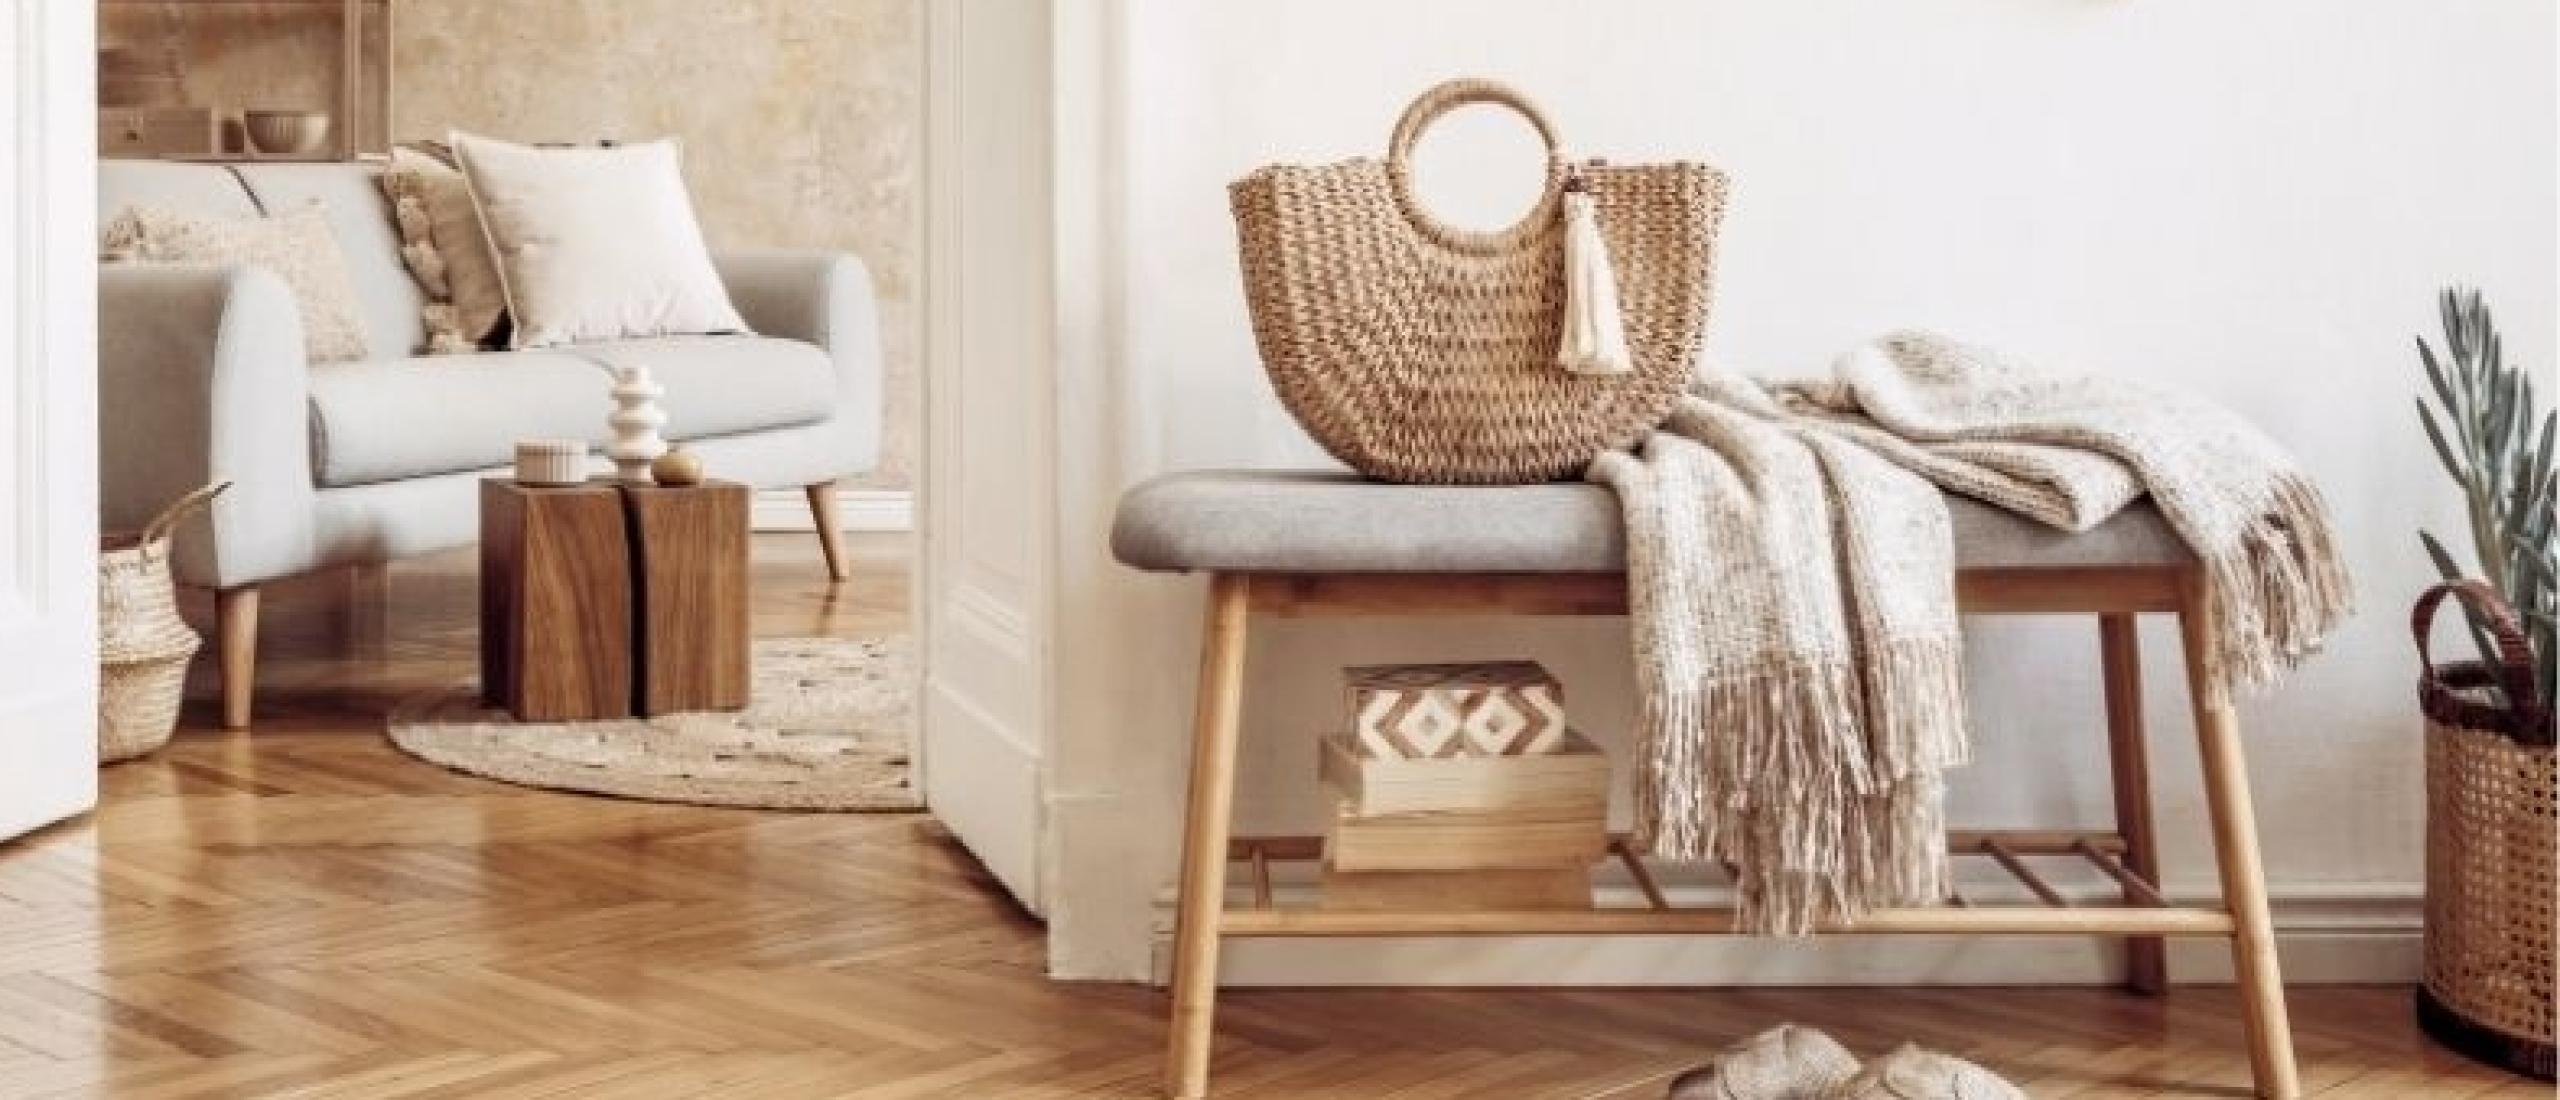 7 tips voor een sfeervolle cocooning woontrend die je niet mag missen